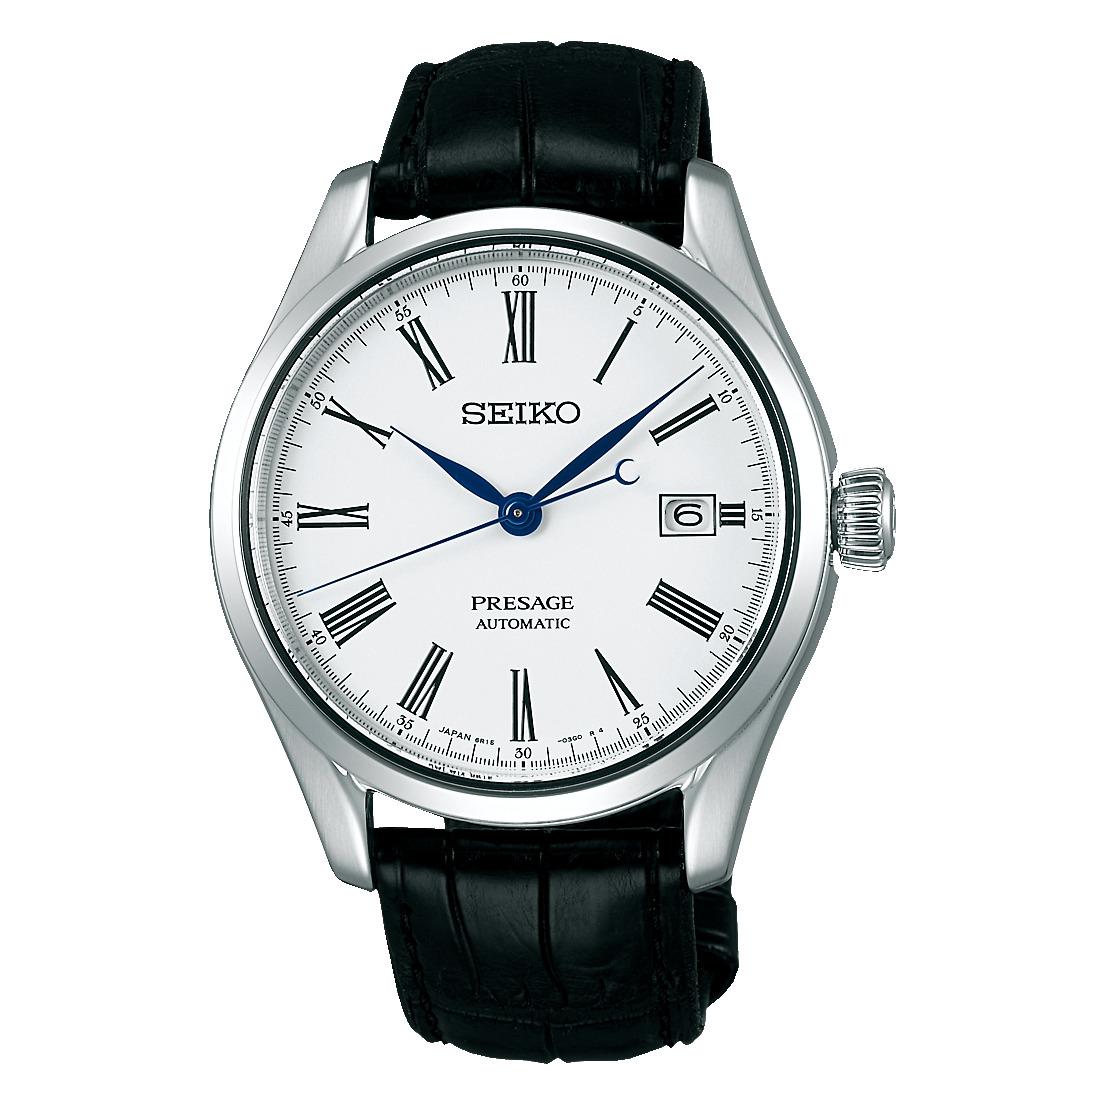 正規品 SEIKO PRESAGE セイコープレザージュ SARX049 プレステージライン ほうろうダイヤル 腕時計